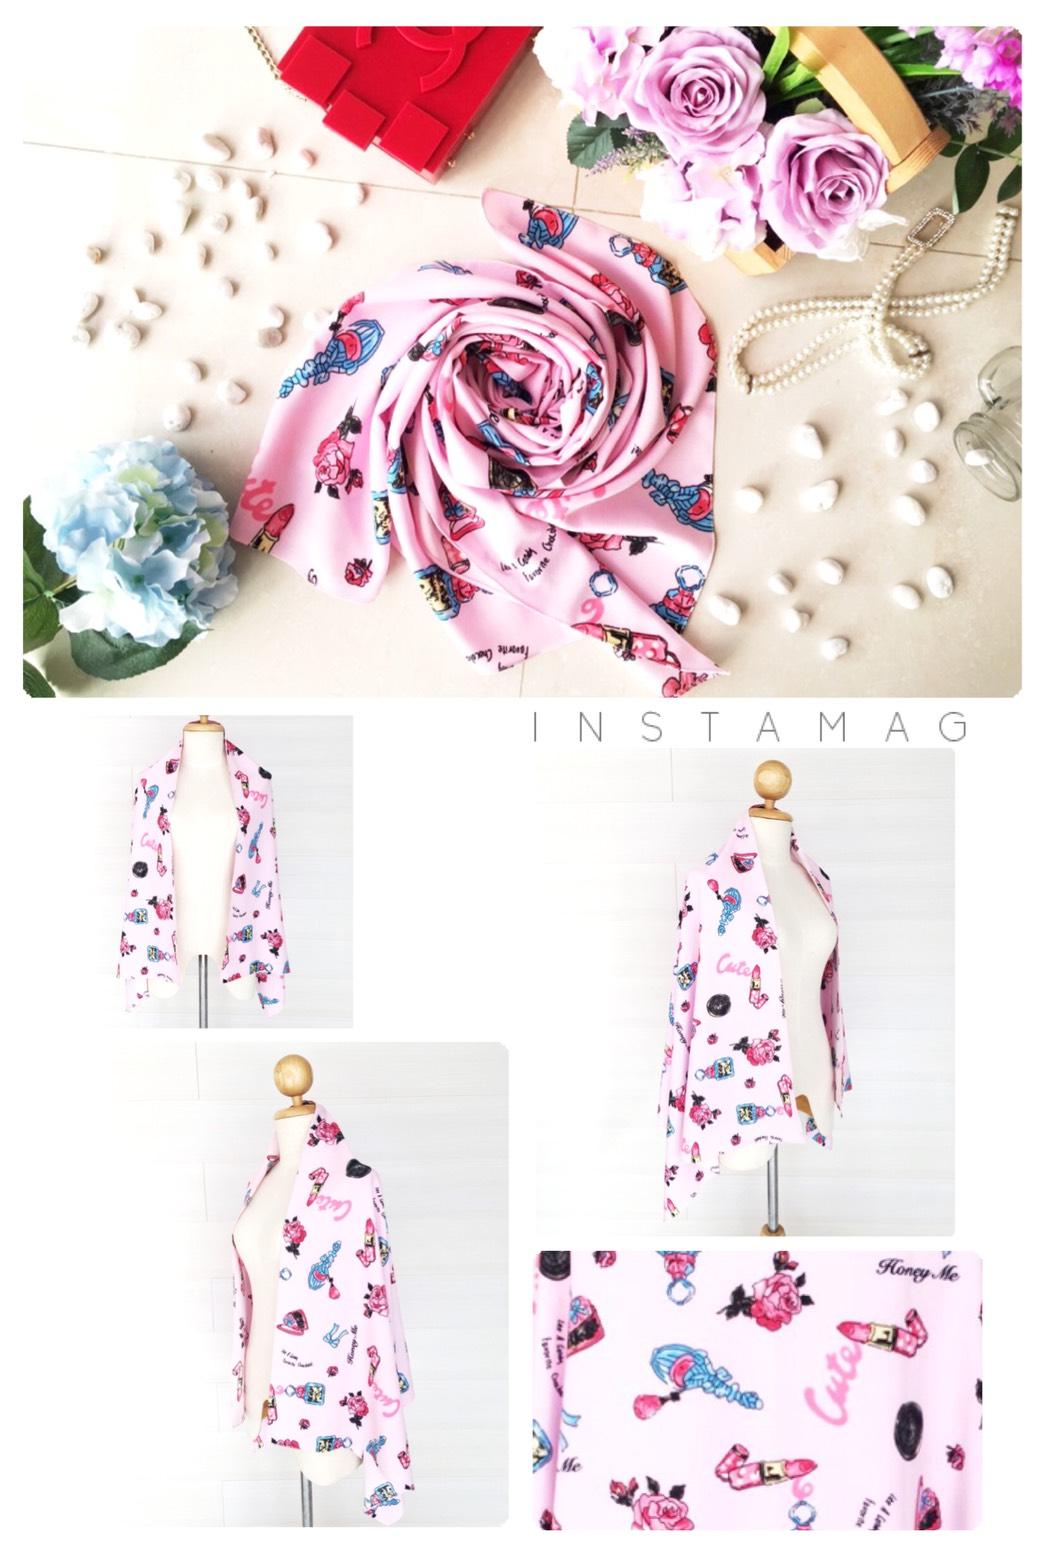 ผ้าพันคอ พร้อมกล่องของขวัญ รุ่น Valentine's Date Night in Cotton Pink (Size M) ผ้าพันคอสีชมพูหวานเย็นลายเครื่องสำอาง มีของขวัญไว้เซอร์ไพรซ์แฟนกันหรือยังคะ นี่เลยค่ะ!!! ของขวัญสุดเซอร์ไพรซ์ให้แฟนของคุณในวันวาเลนไทน์นี้ น่ารักมาก ฟรุ้งฟริ้งกรุ้งกริ้งสุ